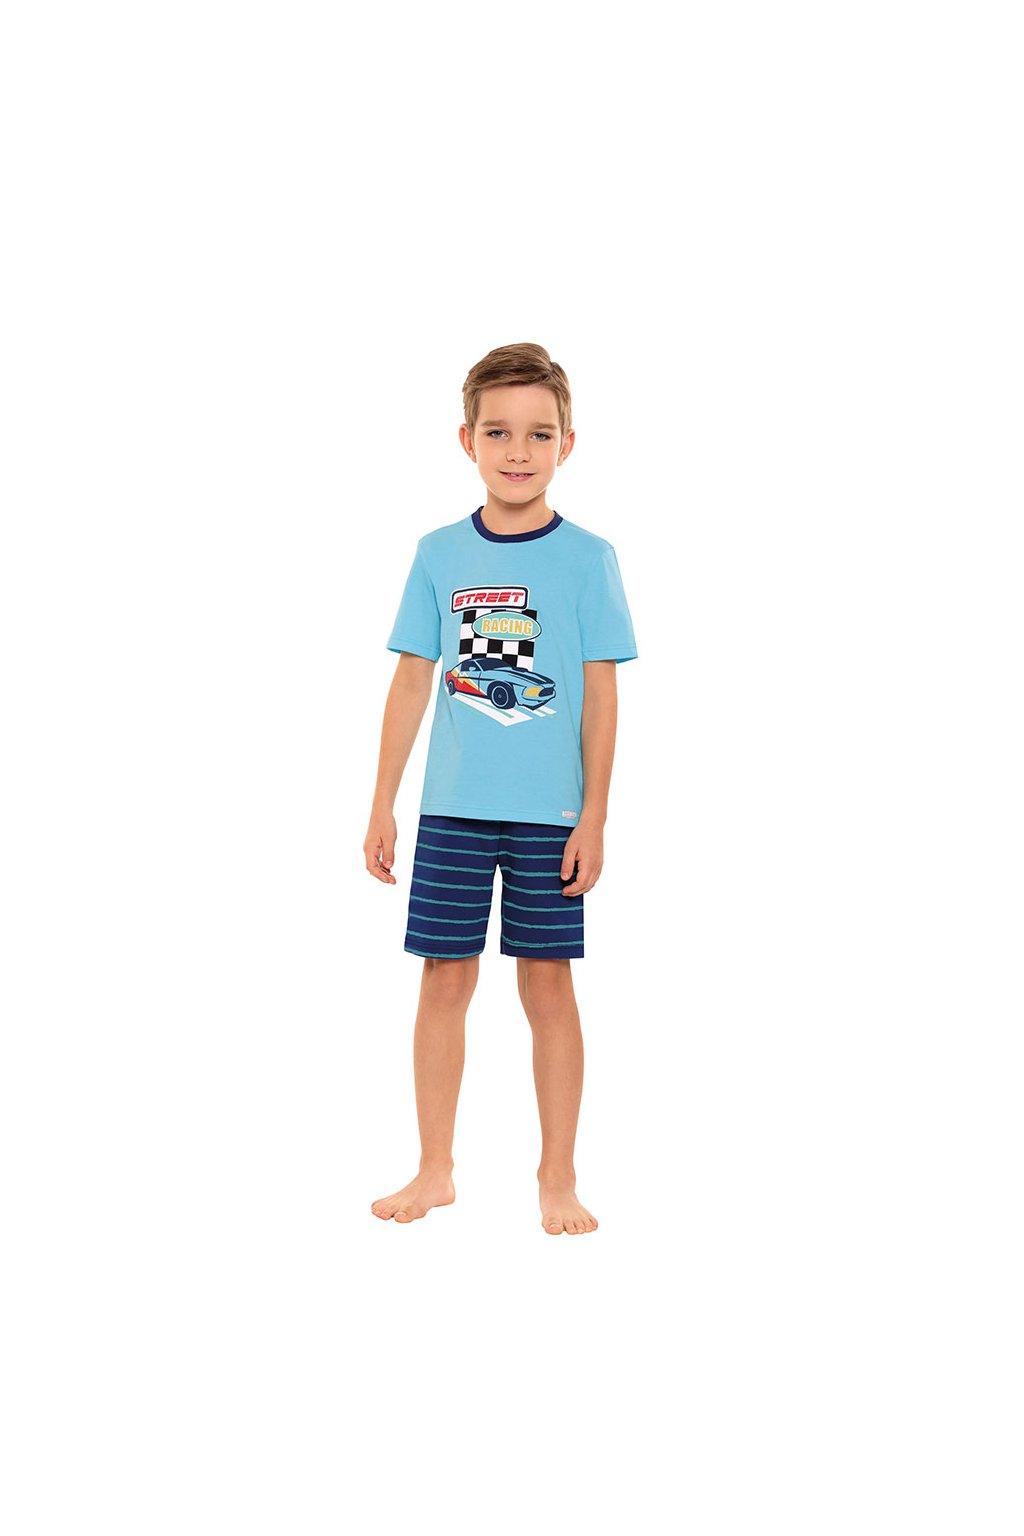 Chlapecké pyžamo s krátkým rukávem, 504100 54, tyrkysová